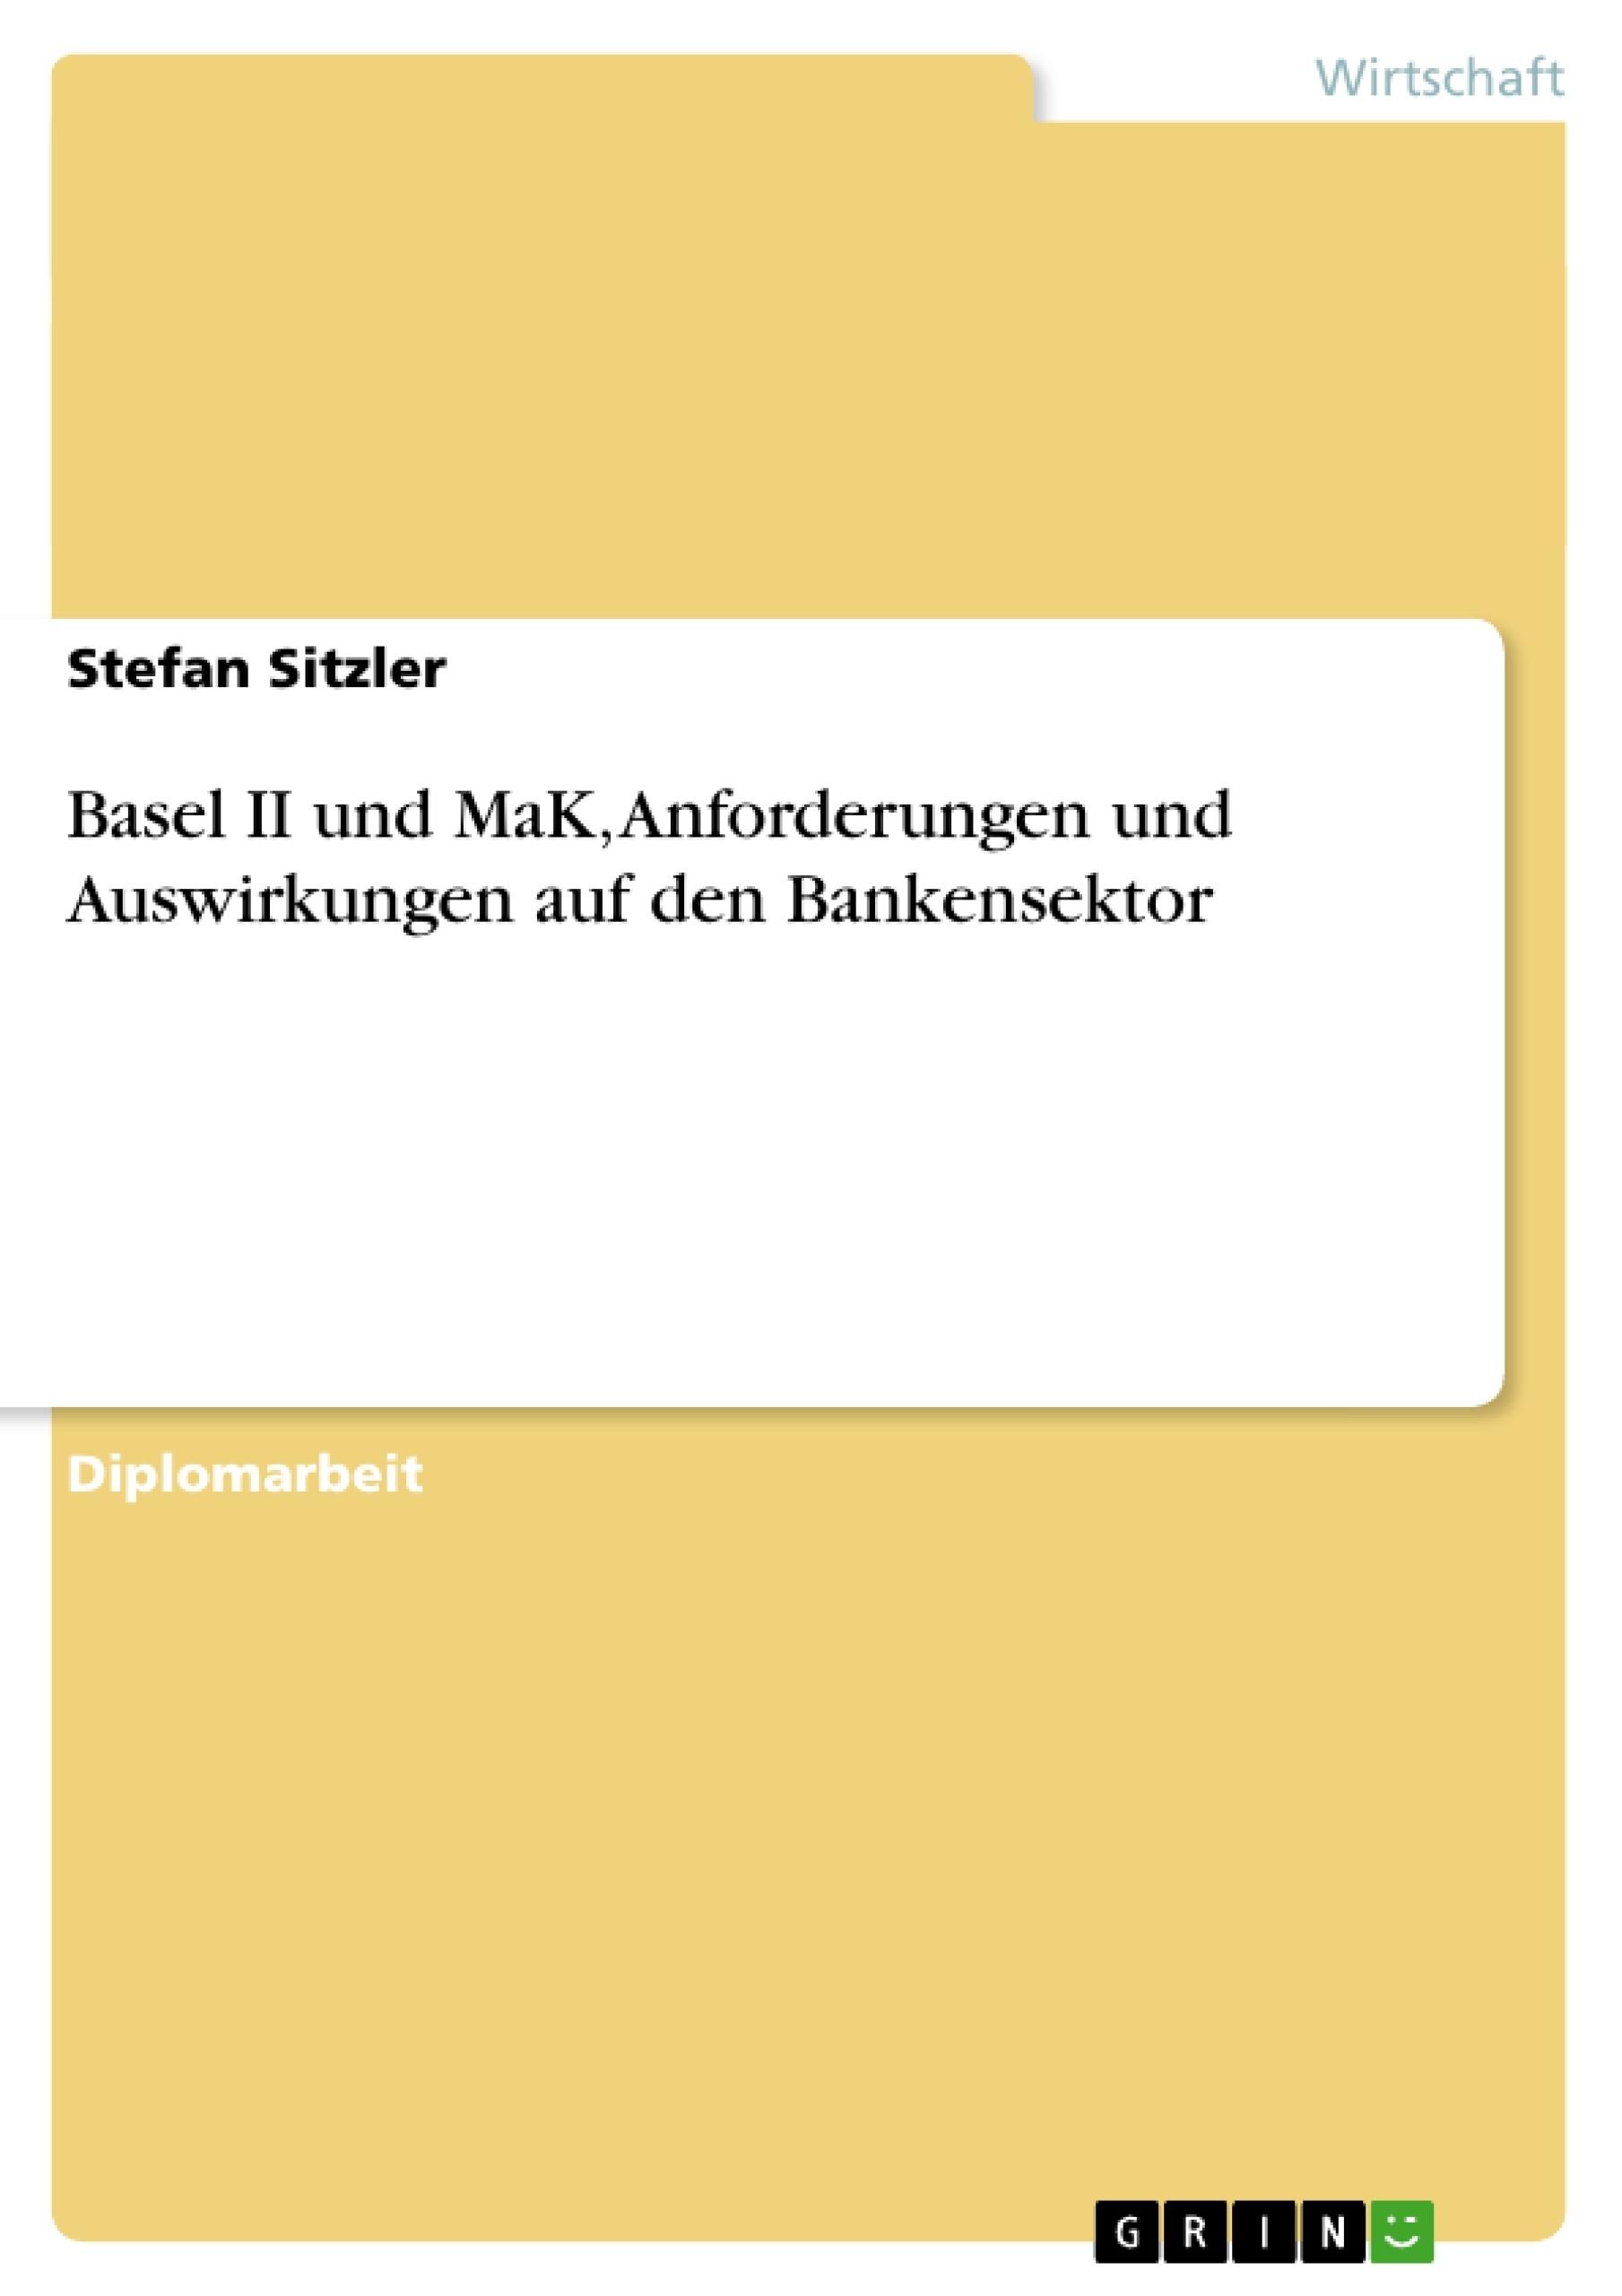 Titel: Basel II und MaK, Anforderungen und Auswirkungen auf den Bankensektor